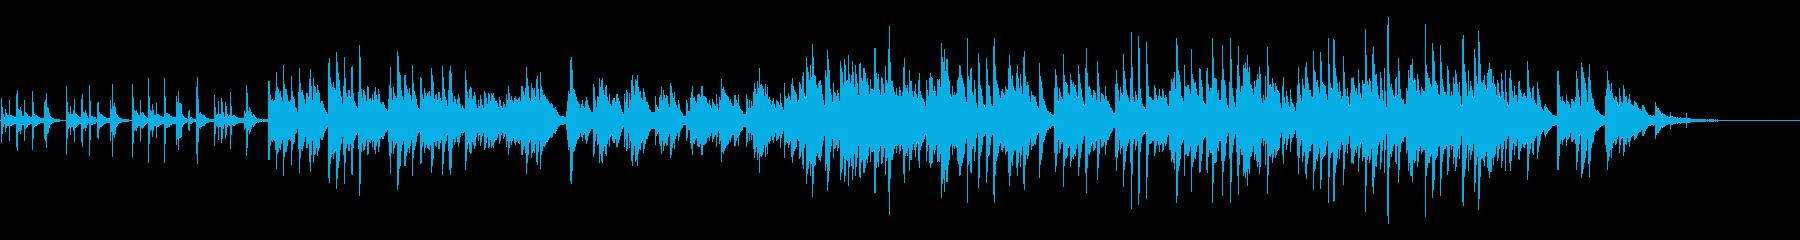 ピアノが歌うバラードの再生済みの波形